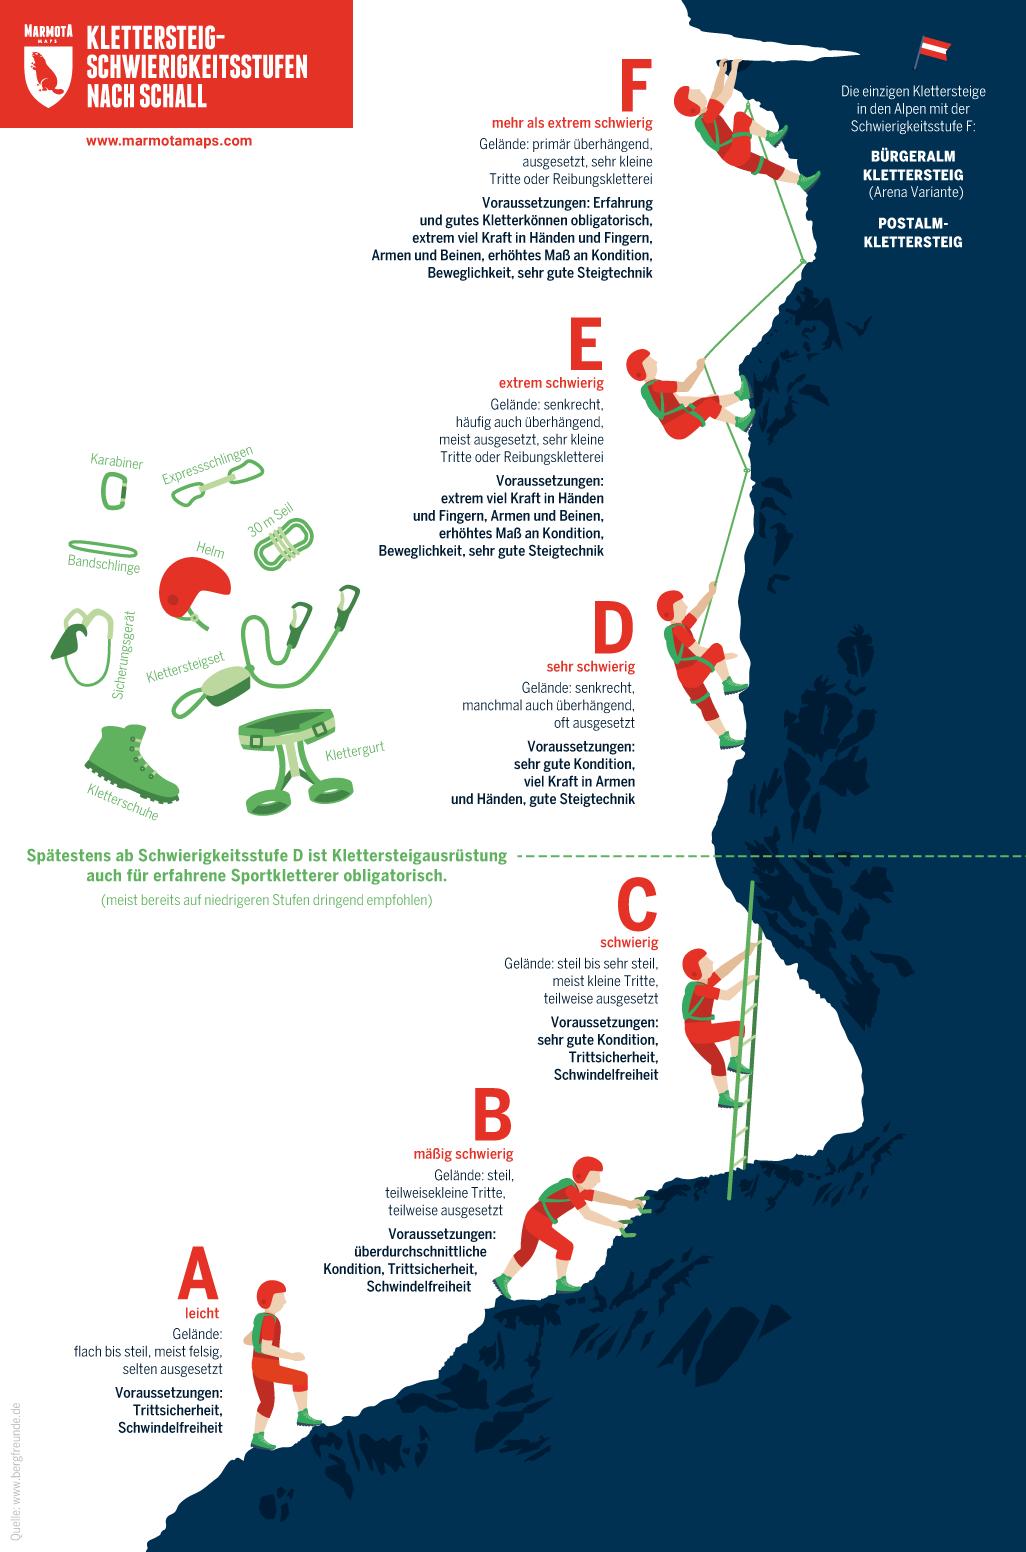 Infografik - Klettersteig-Schwierigkeitsstufen